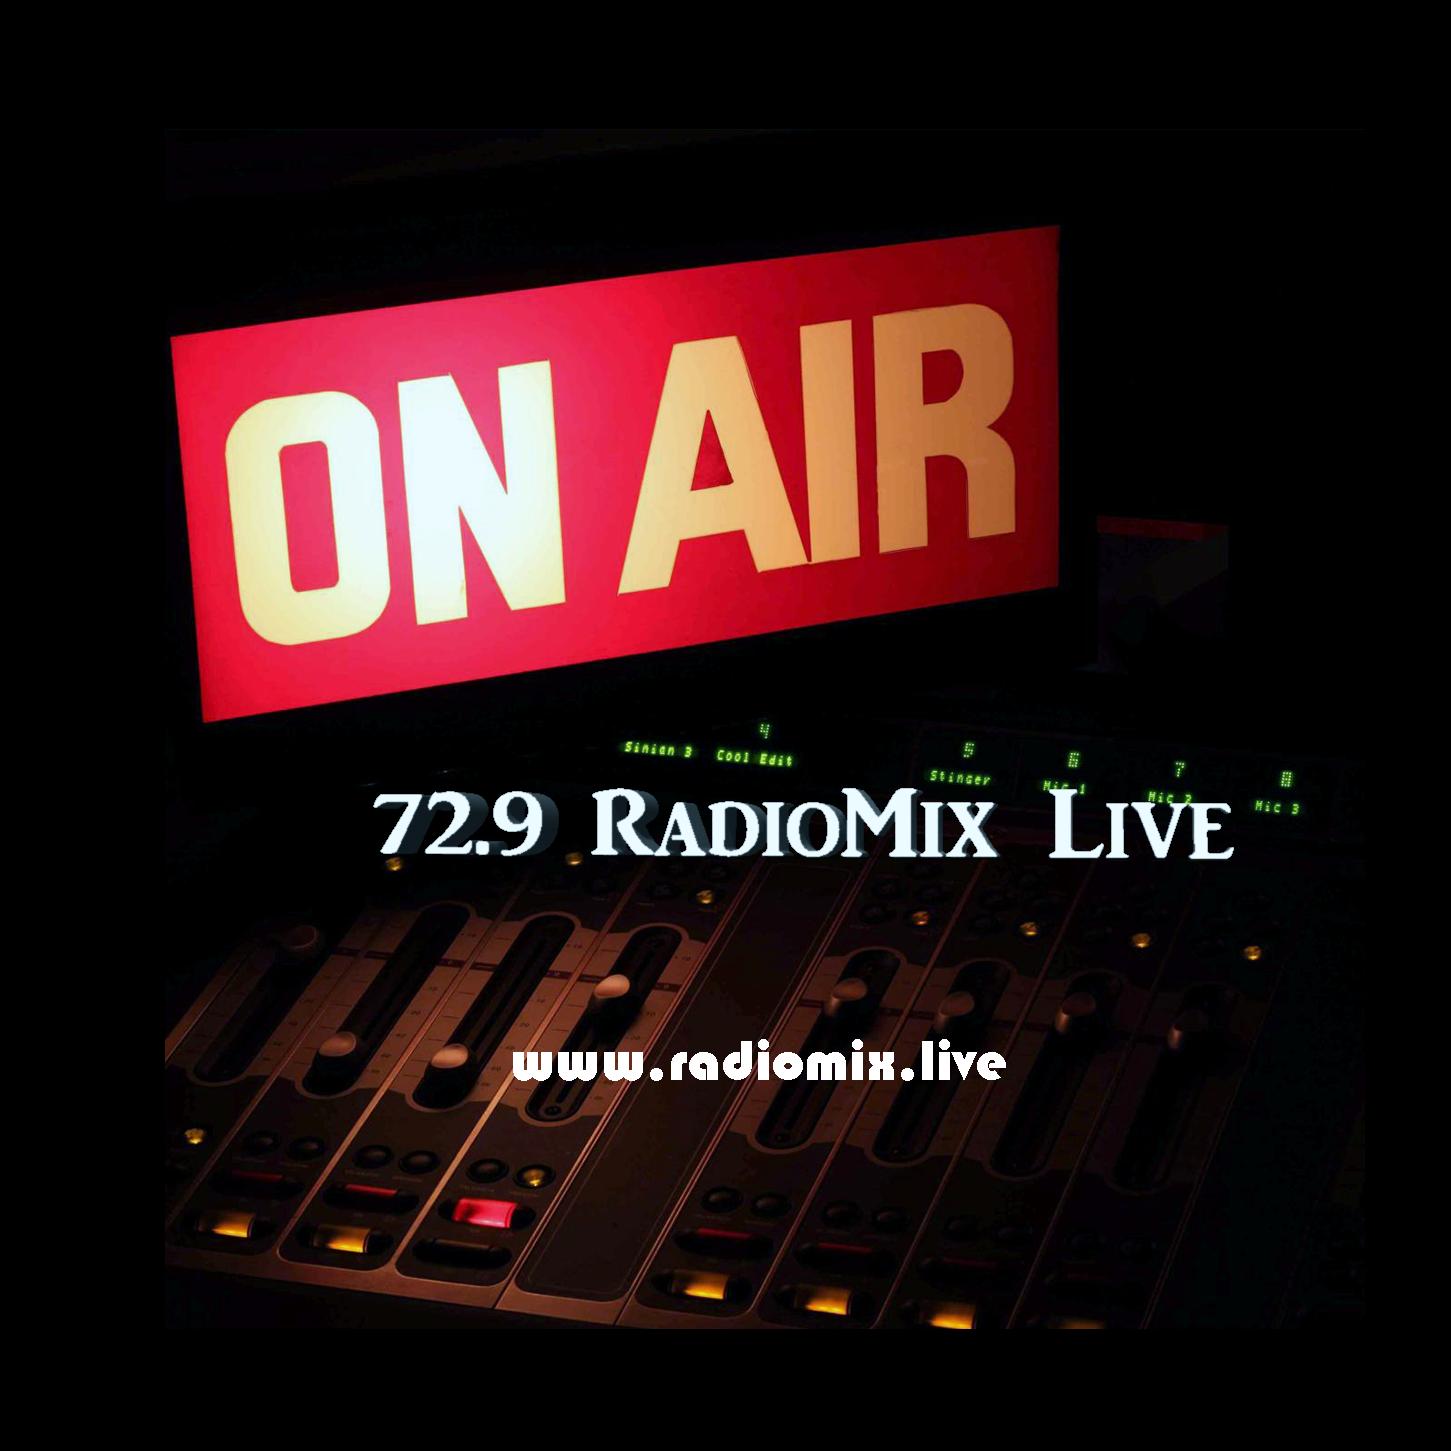 72.9 Radiomix